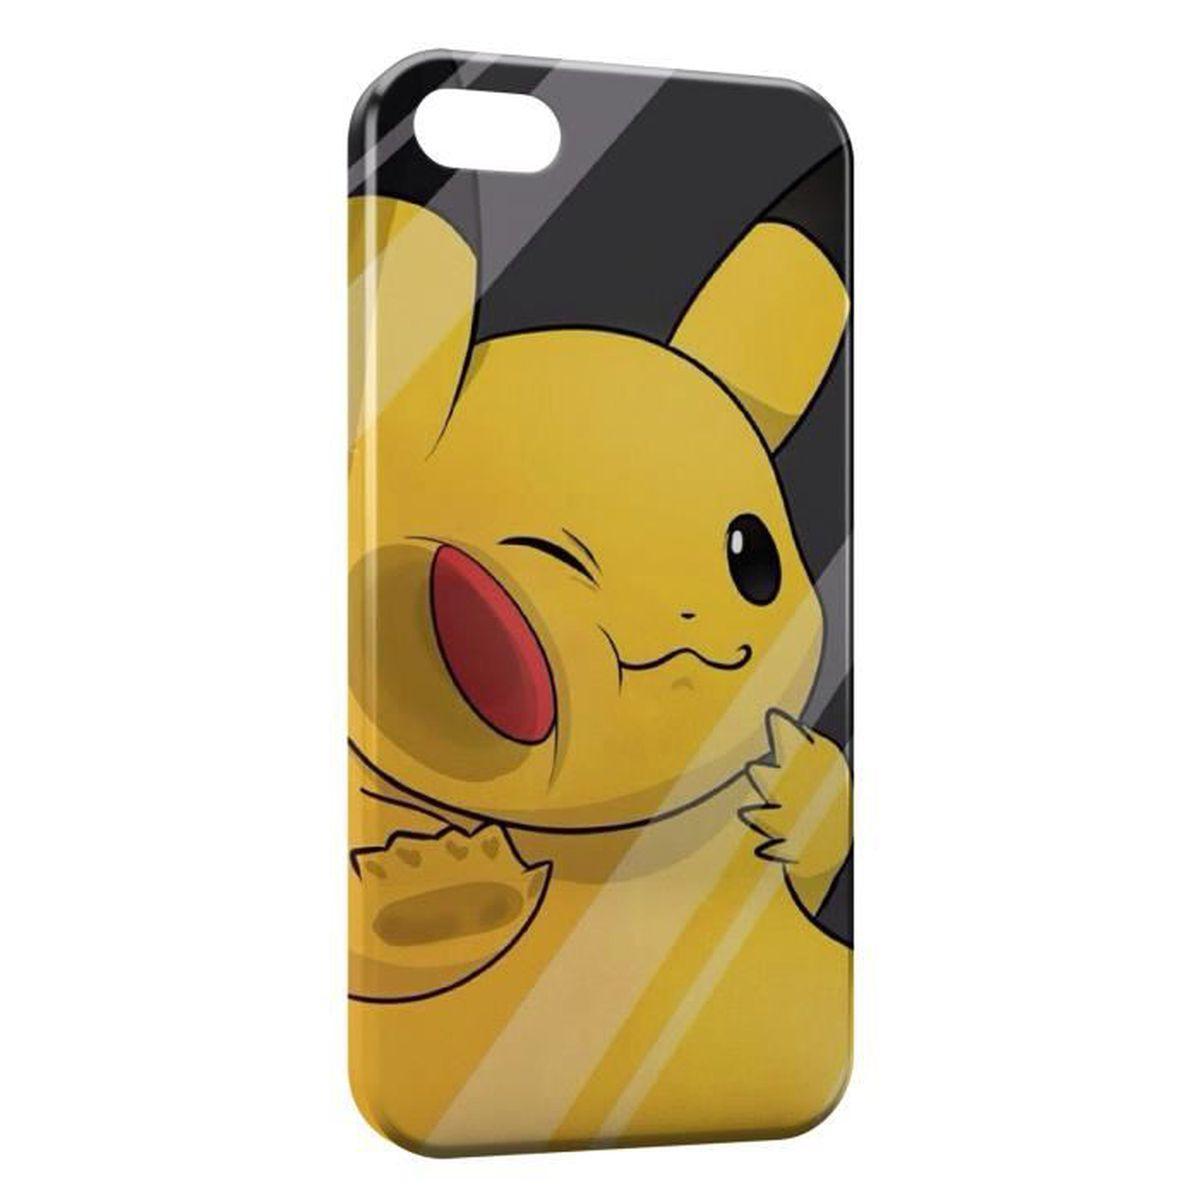 coque iphone se pikachu pokemon 3 achat coque bumper pas cher avis et meilleur prix. Black Bedroom Furniture Sets. Home Design Ideas